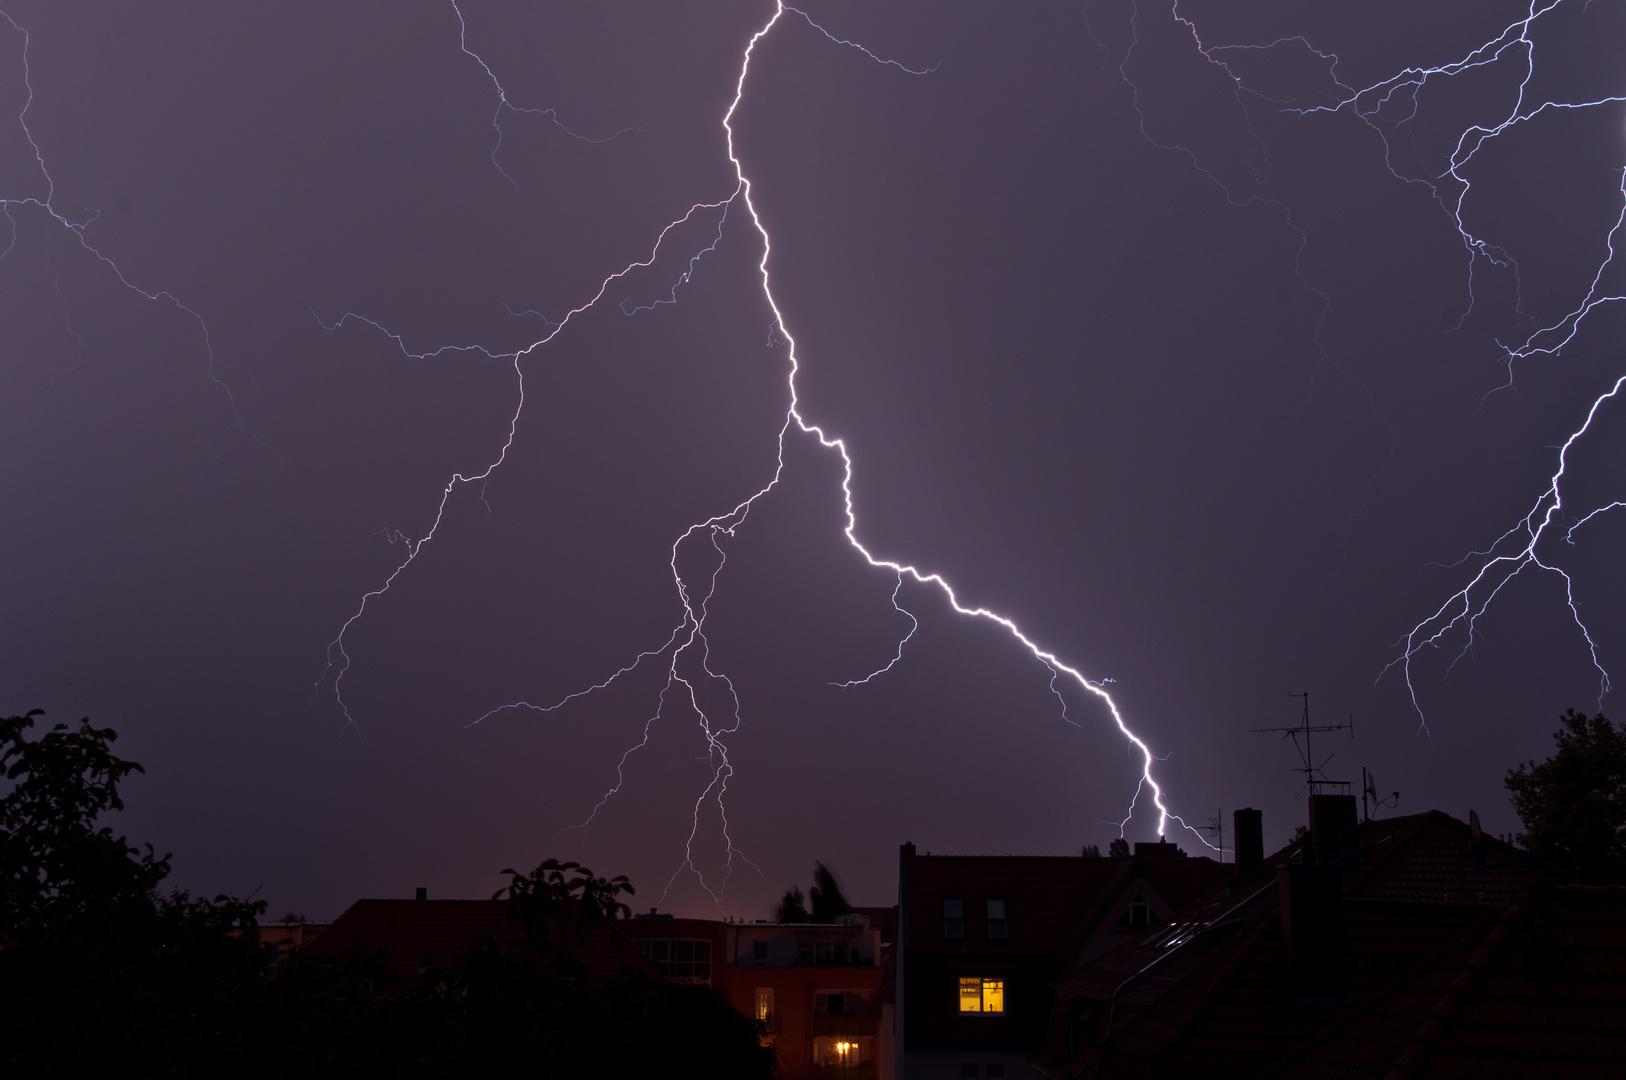 Gewitter über den Dächern der Stadt